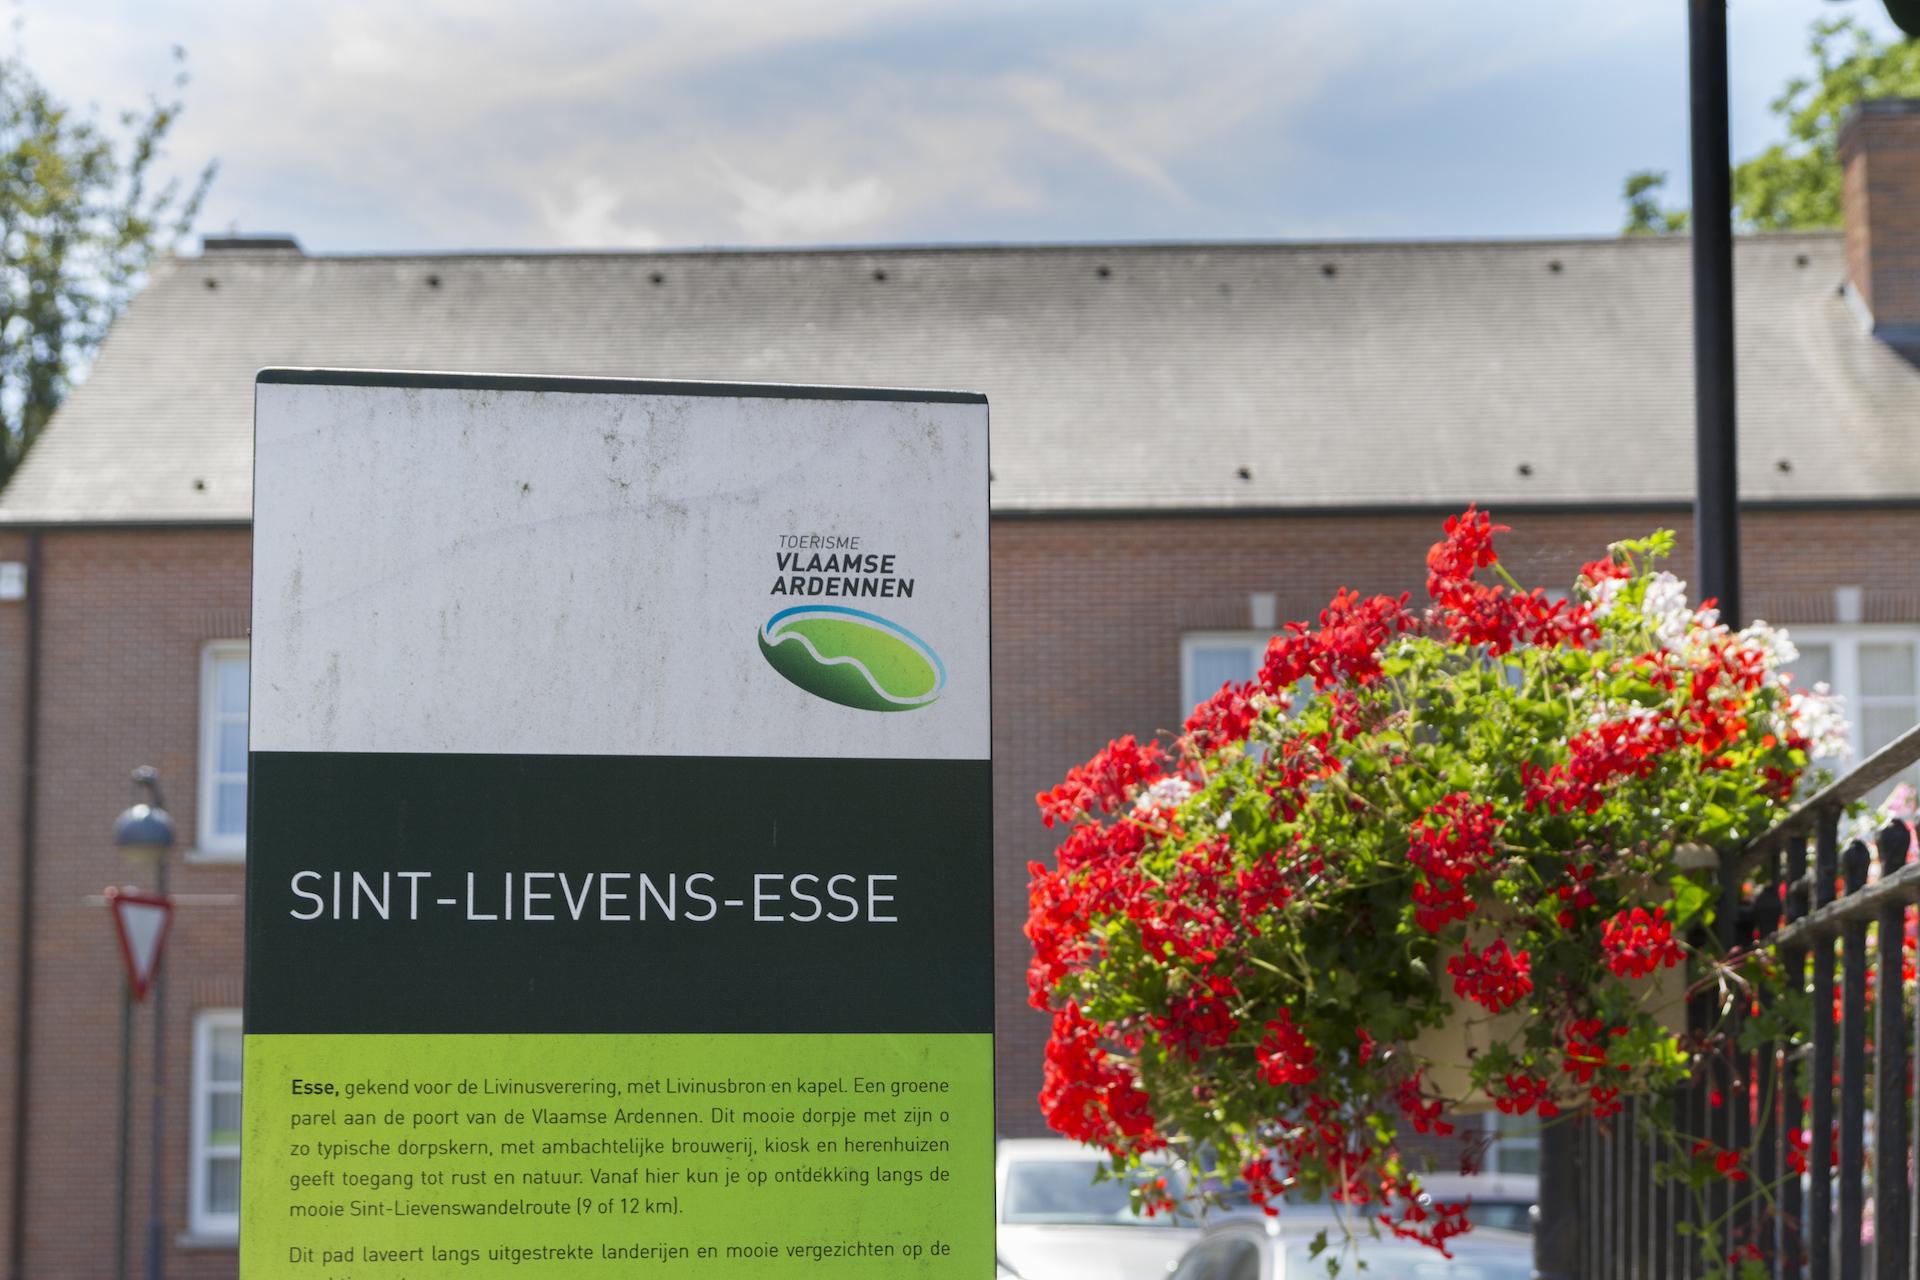 Toerisme Vlaanderen heeft een infobord over de omgeving in Sint-Lieven-Esse, het dorp van Eyndevelde